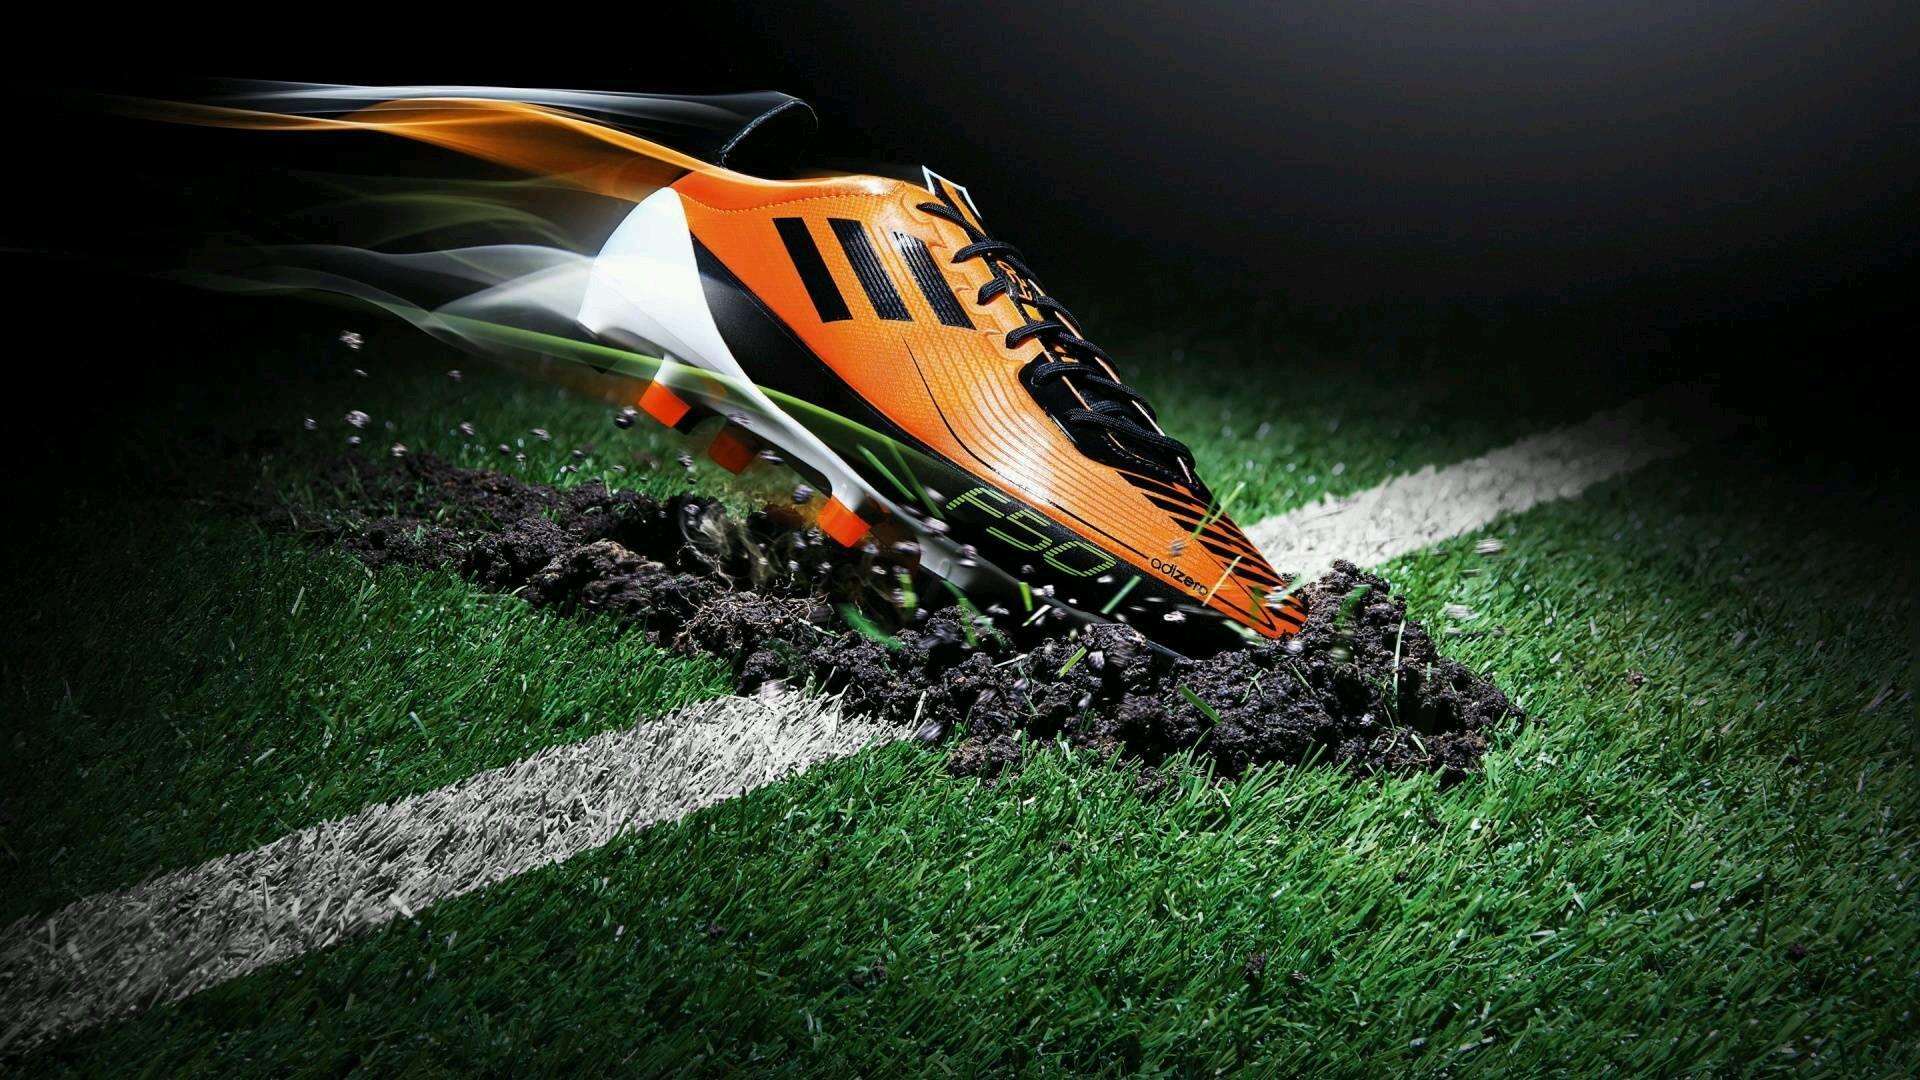 Giày đá bóng đế TF, lựa chọn thích hợp khi thi đấu trên sân cỏ nhân tạo vào trời mưa